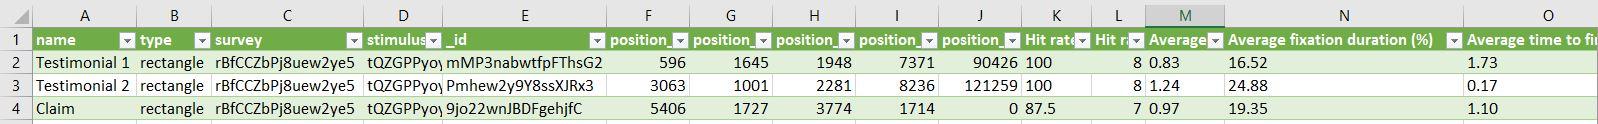 Beispiel AOI Daten Export in Excel